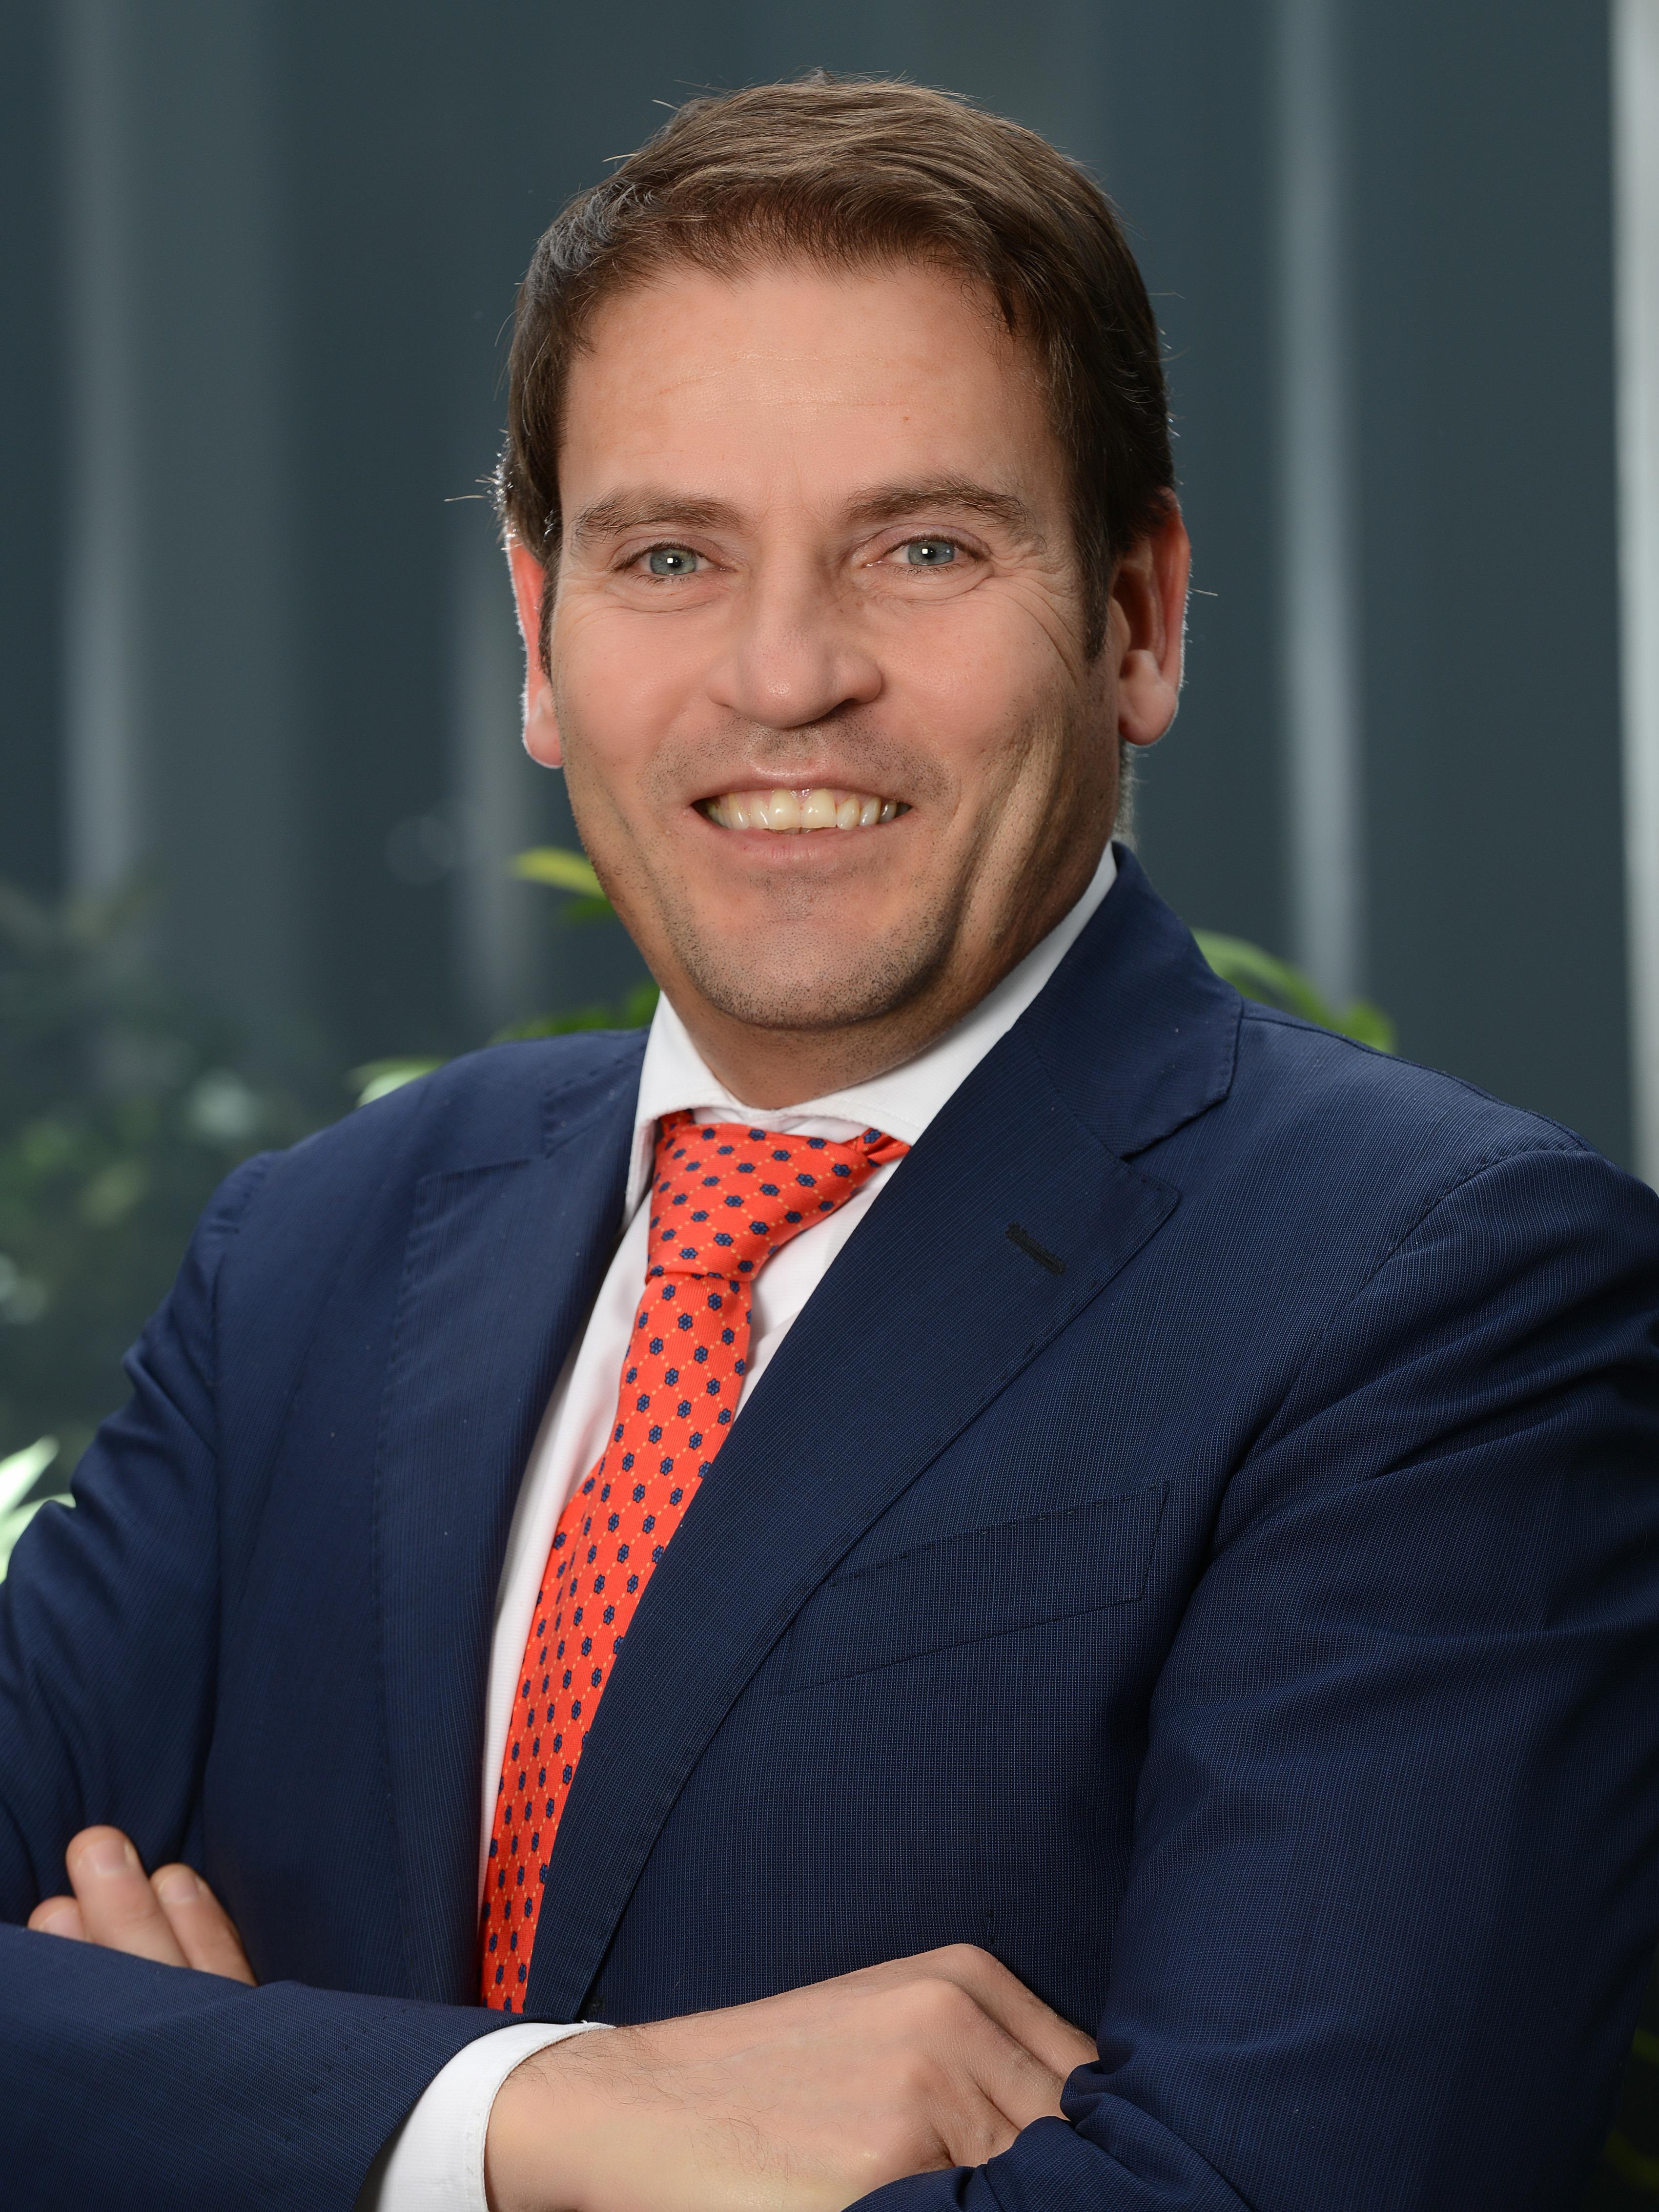 Gianluca Righetti